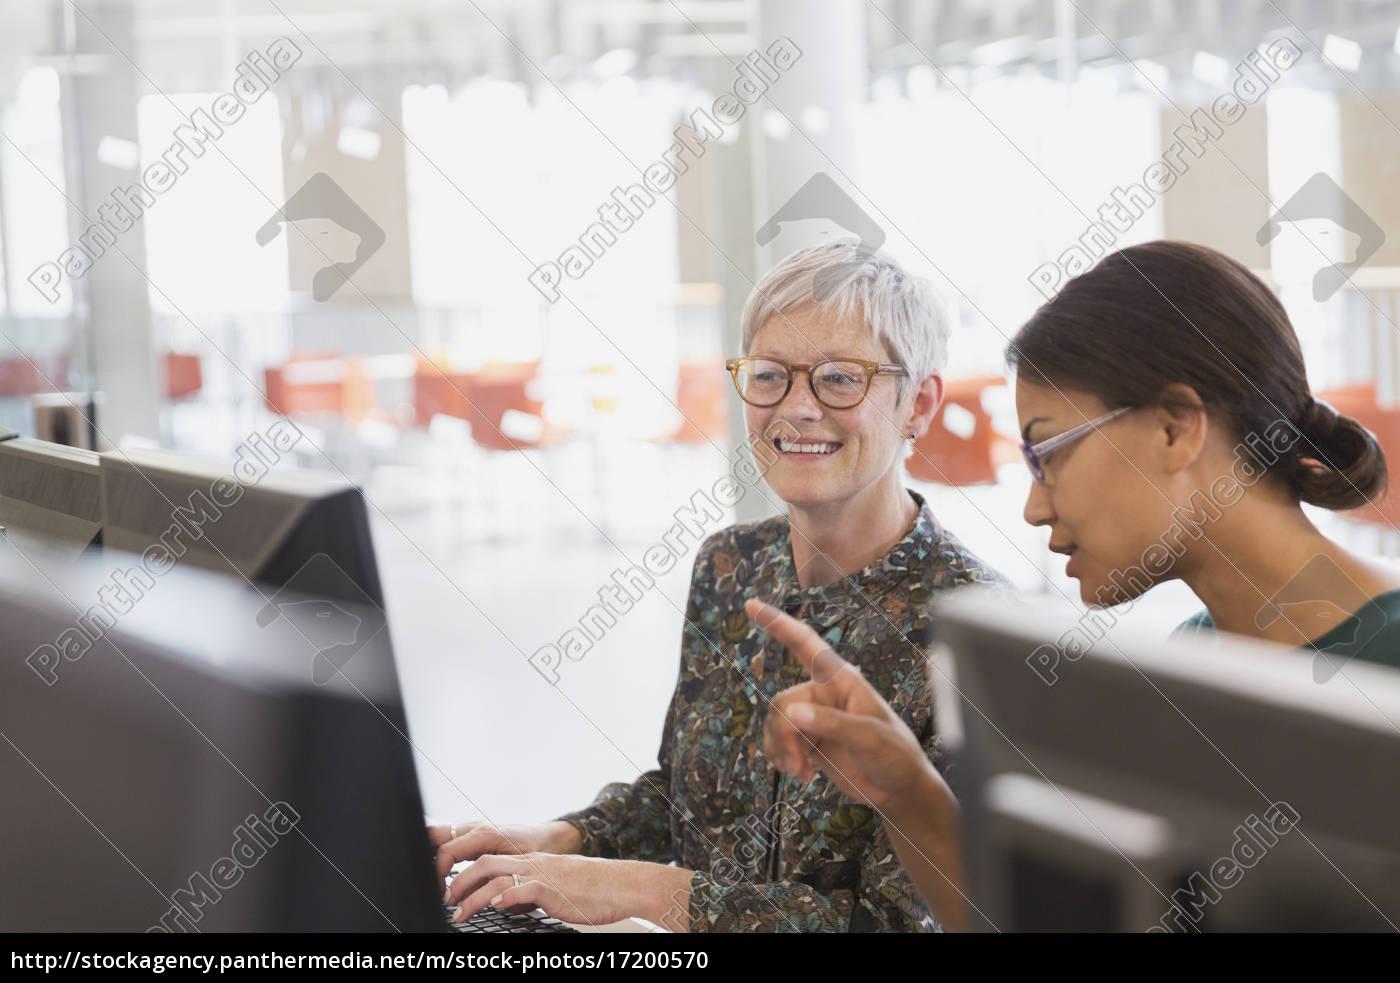 frauen, an, den, computern, in, der - 17200570